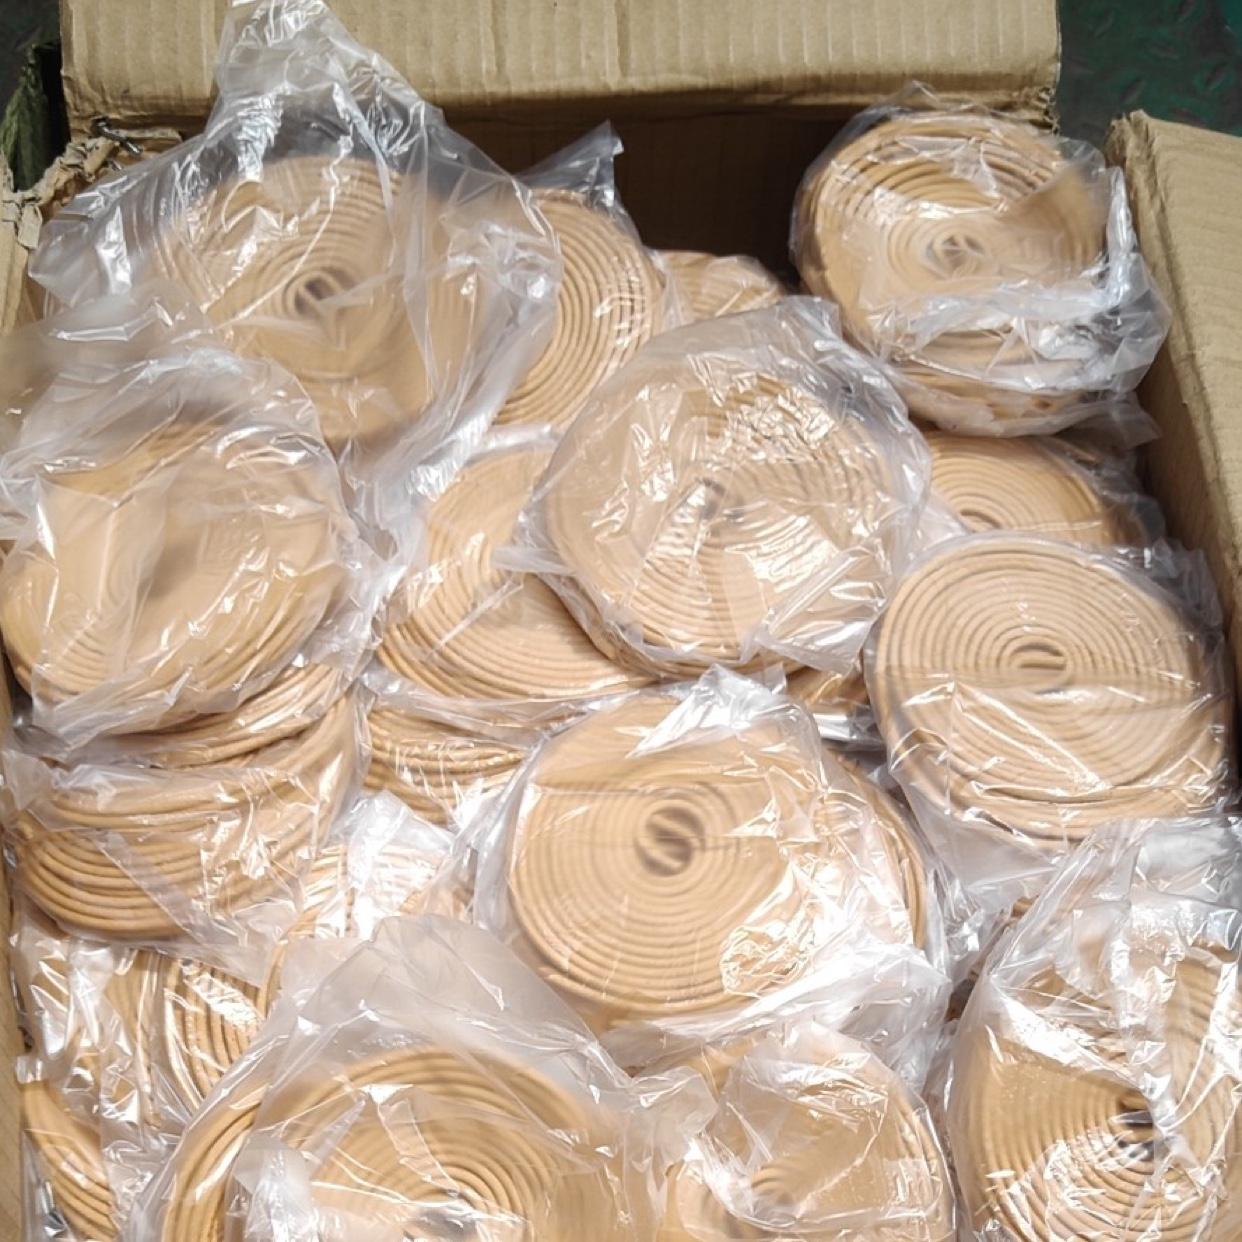 散装高档蚊香线香出口外贸贴牌生产高档精装蚊香